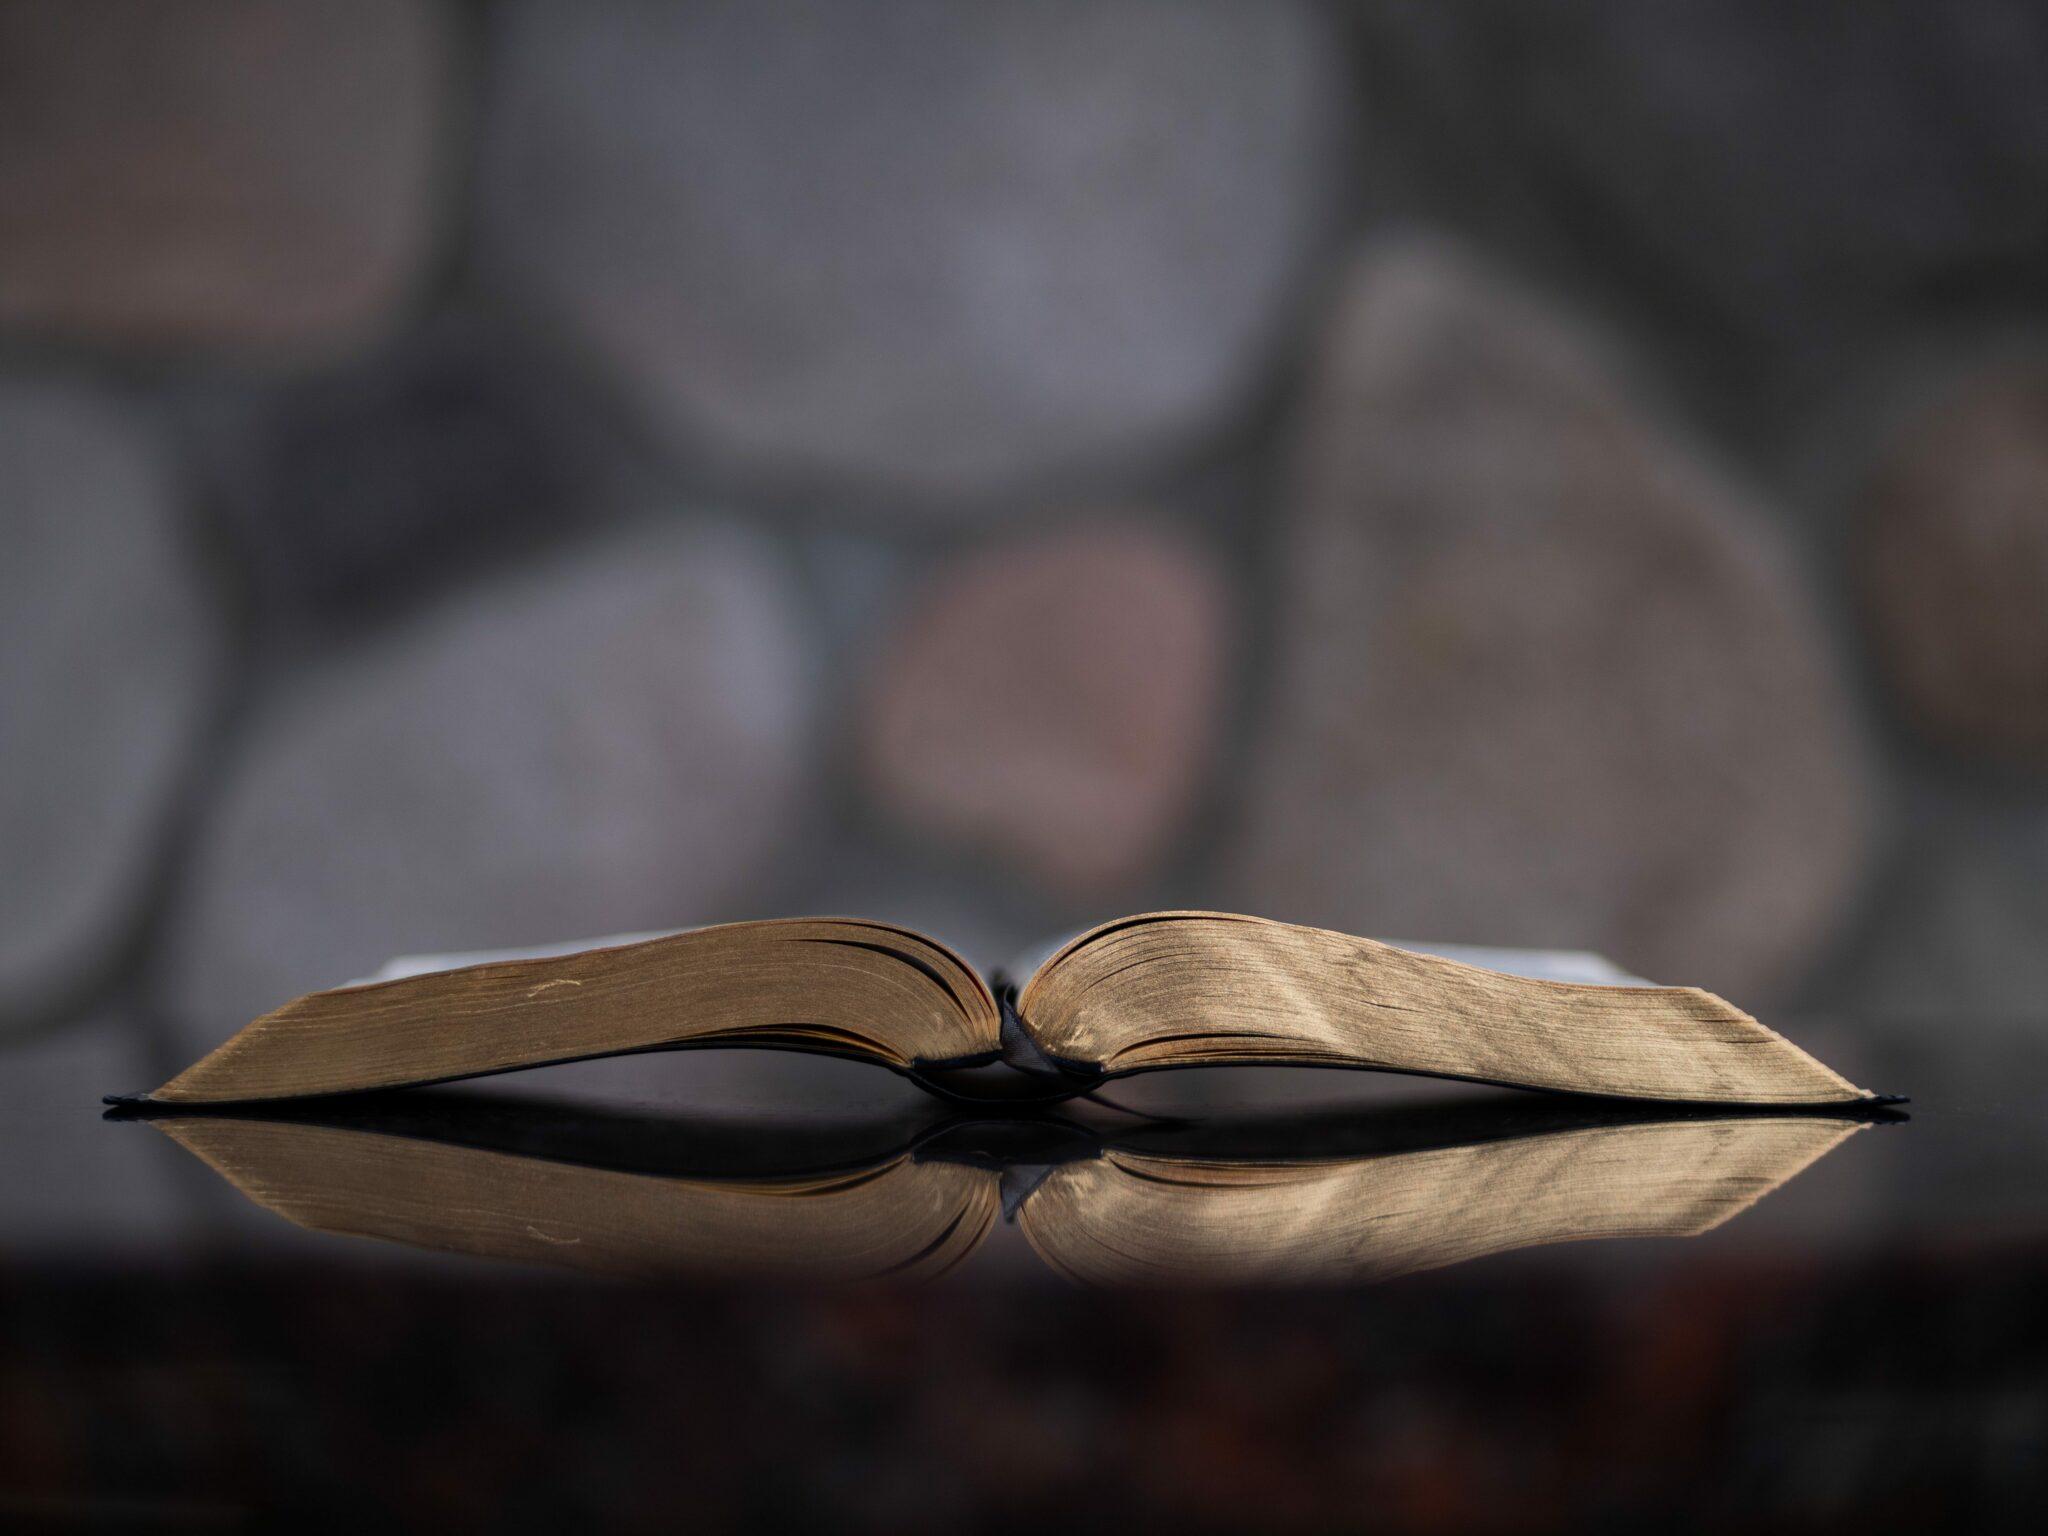 Pastor e igreja devem indenizar mulher por chamá-la de 'infiel' em culto